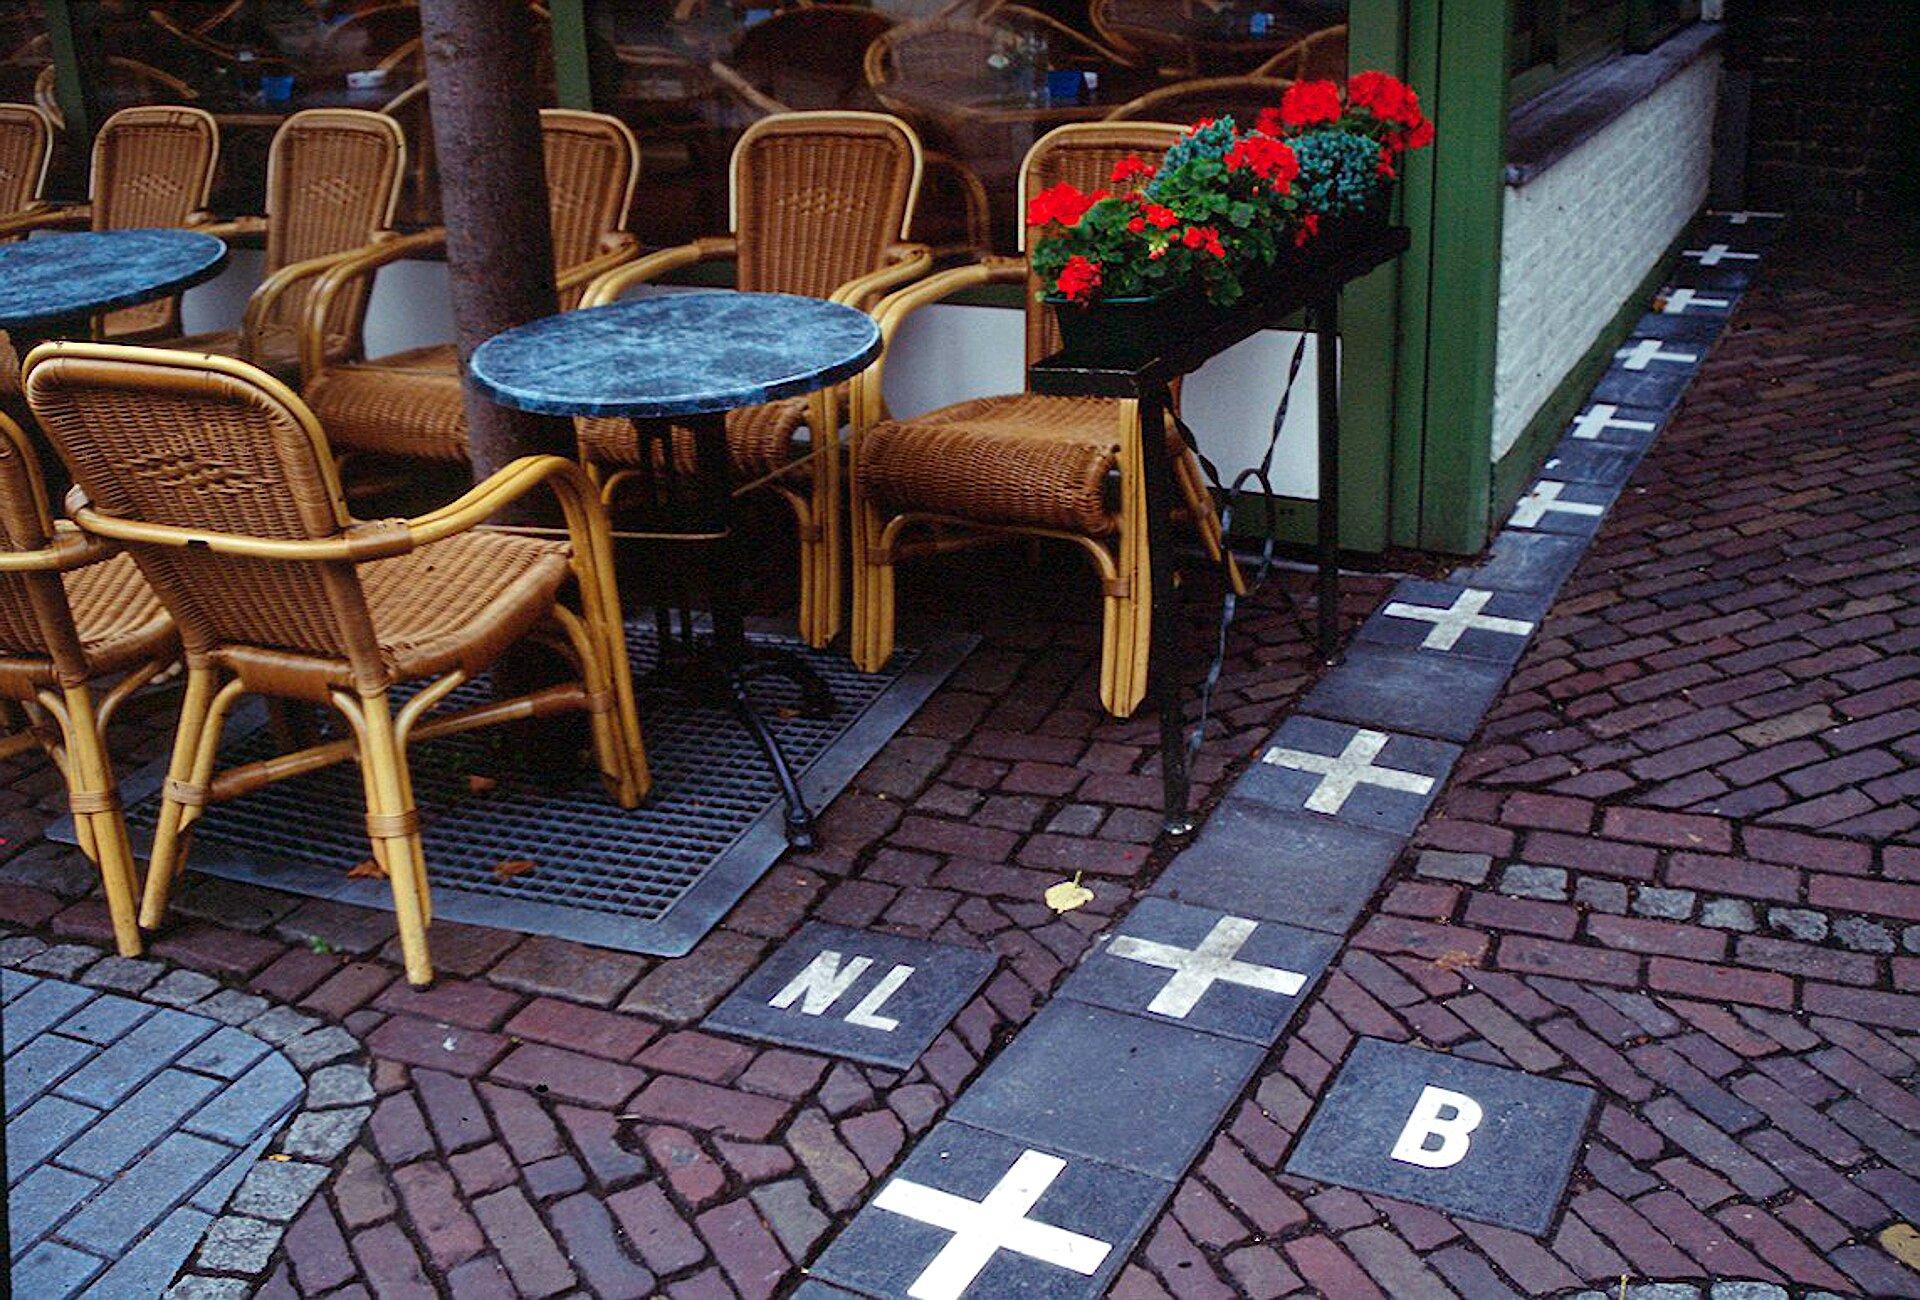 Zdjęcie przedstawia kawiarnię znajdującą się na granicy Holandii iBelgii. Na dole zdjęcia chodnik zczerwonej cegły. Od dolnej krawędzi zdjęcia poprowadzona jest granica składająca zczarnych kwadratowych płytek. Płytki ułożone wlinii, wzdłuż kawiarni. Linia płytek biegnie wprawo, zanika wgłębi zdjęcia. Białe krzyżyki na co drugiej czarnej płytce linii granicznej. Wdole zdjęcia, po lewej iprawej stronie pojedyncze czarne kwadratowe płytki. Na powierzchni płytek litery wskazujące państwa. Na lewo litery en el, Holandia, na prawo litera be, Belgia. Na lewo od linii granicznej, wiklinowe krzesła ustawione wrzędzie po obu stronach okrągłych stolików.